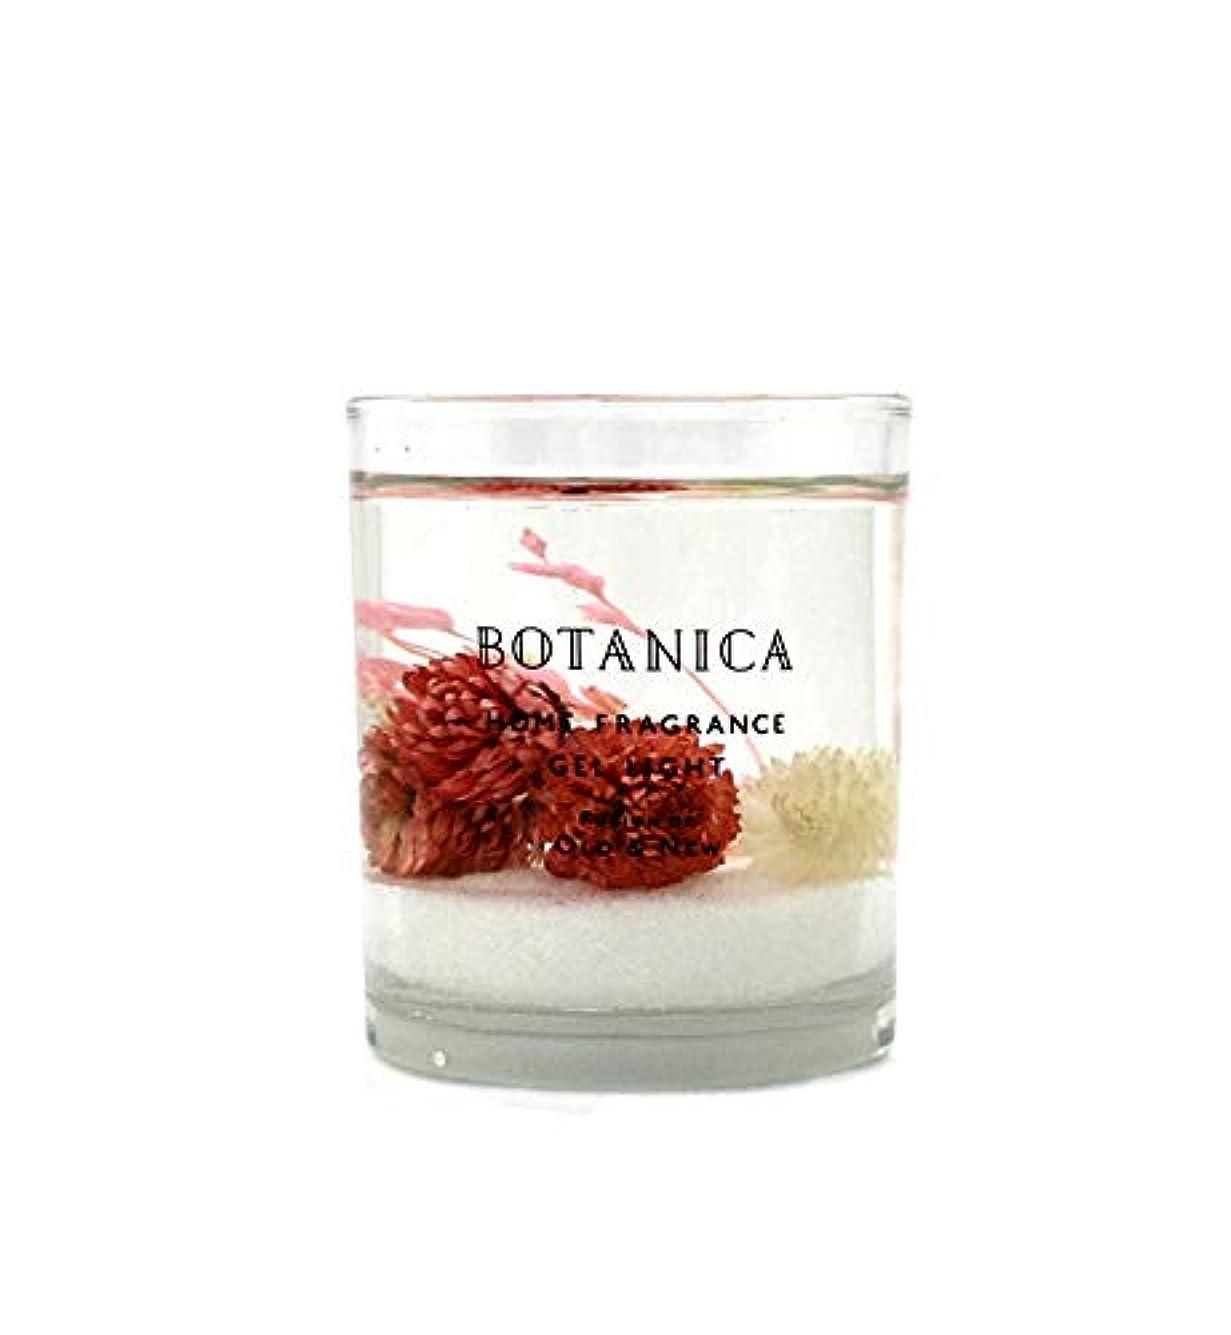 ソロ肌モスBOTANICA(ボタニカ) BOTANICA ハーバリウムジェルライト プリムフラワー Herbarium Gel Light Primm Flower ボタニカ H75×Φ60mm/90g